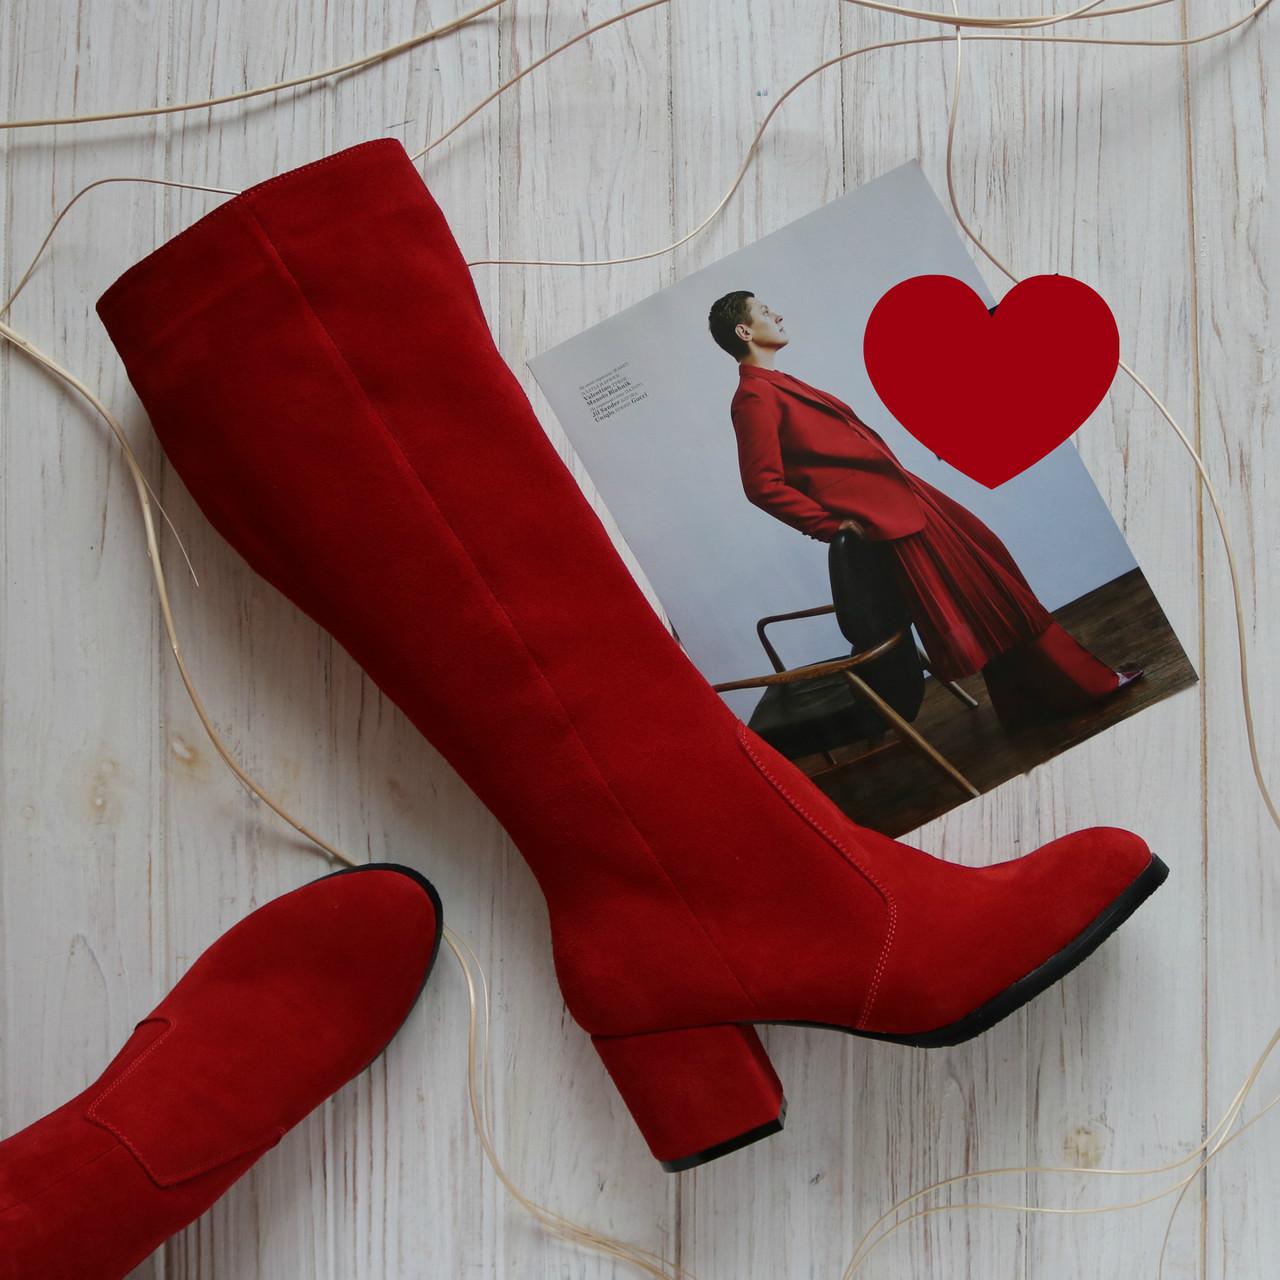 Жіночі замшеві чоботи червоного кольору Можливий відшиваючи у інших кольорах замші та шкіри